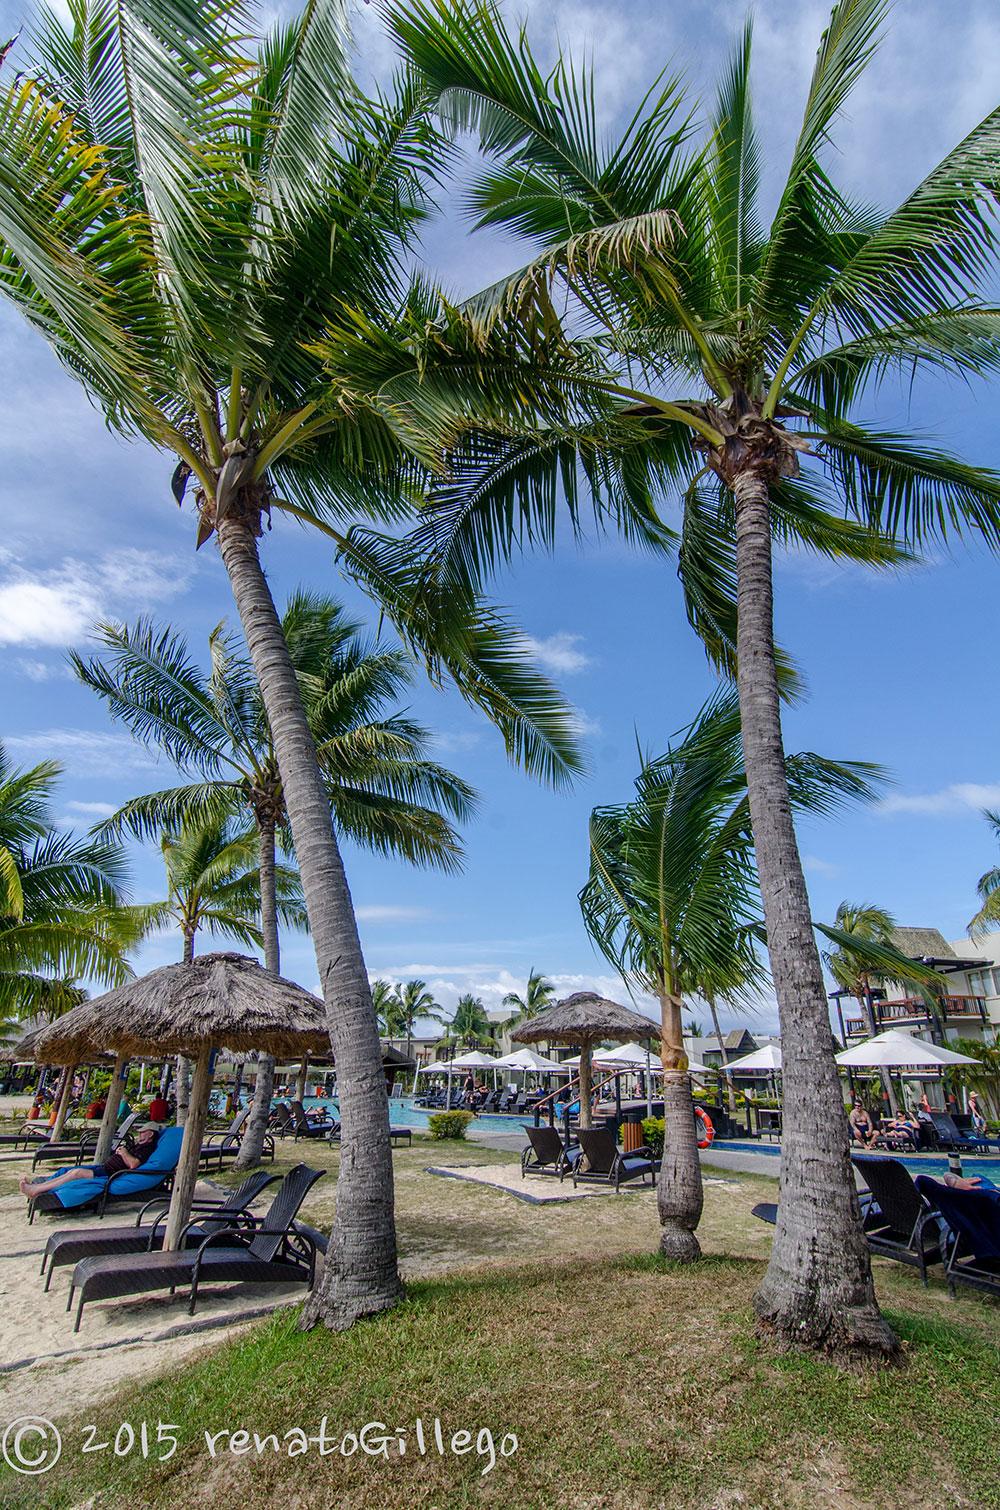 3 spectacular images of wyndham resort denarau island my. Black Bedroom Furniture Sets. Home Design Ideas